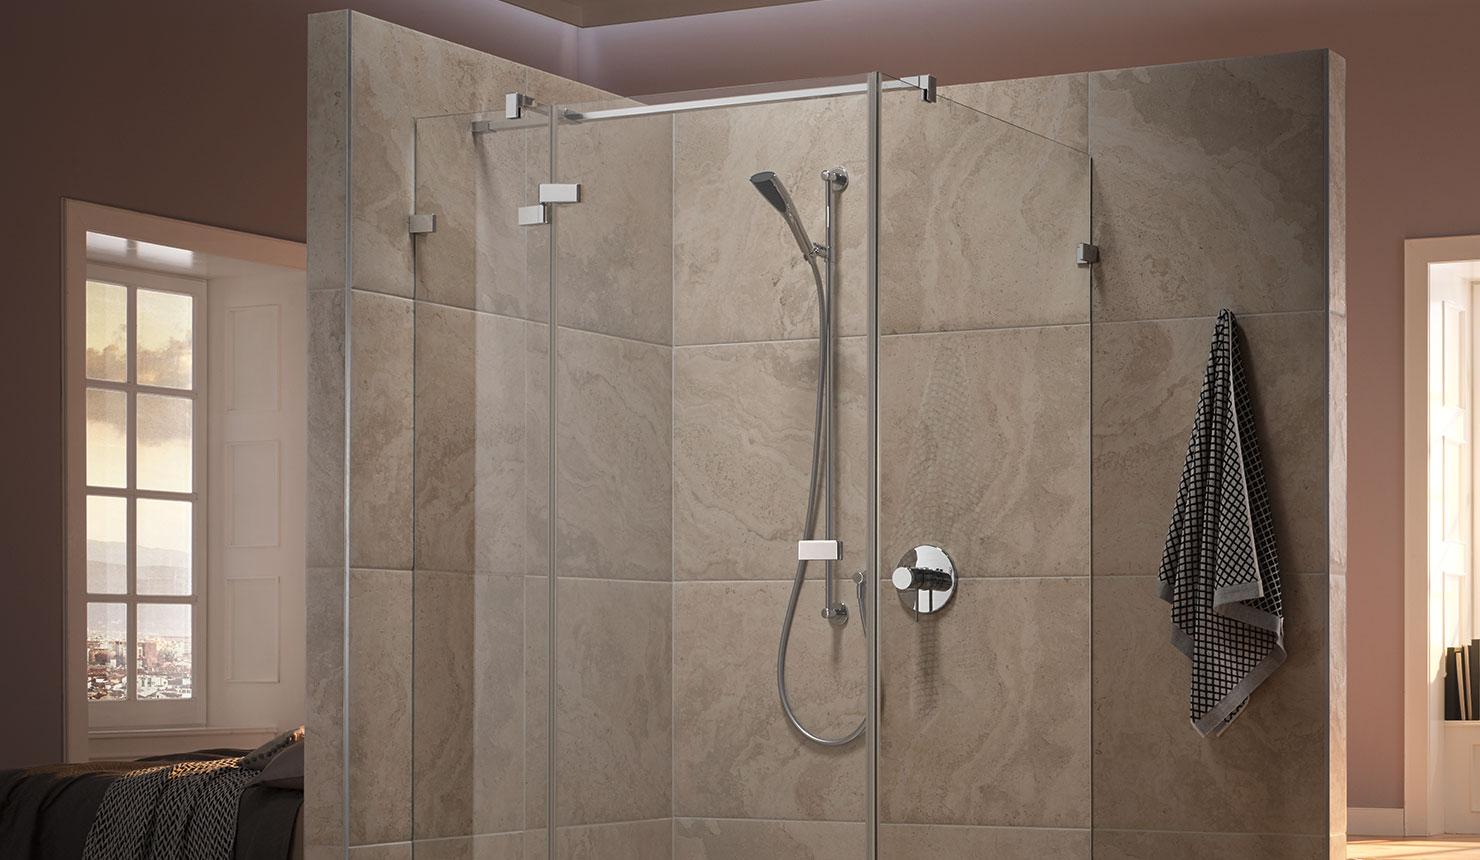 Full Size of Kermi Tusca Sinnliche Antirutschmatte Dusche Bodenebene 80x80 Badewanne Mit Komplett Set Bluetooth Lautsprecher Moderne Duschen Hüppe Nischentür Sprinz 90x90 Dusche Pendeltür Dusche